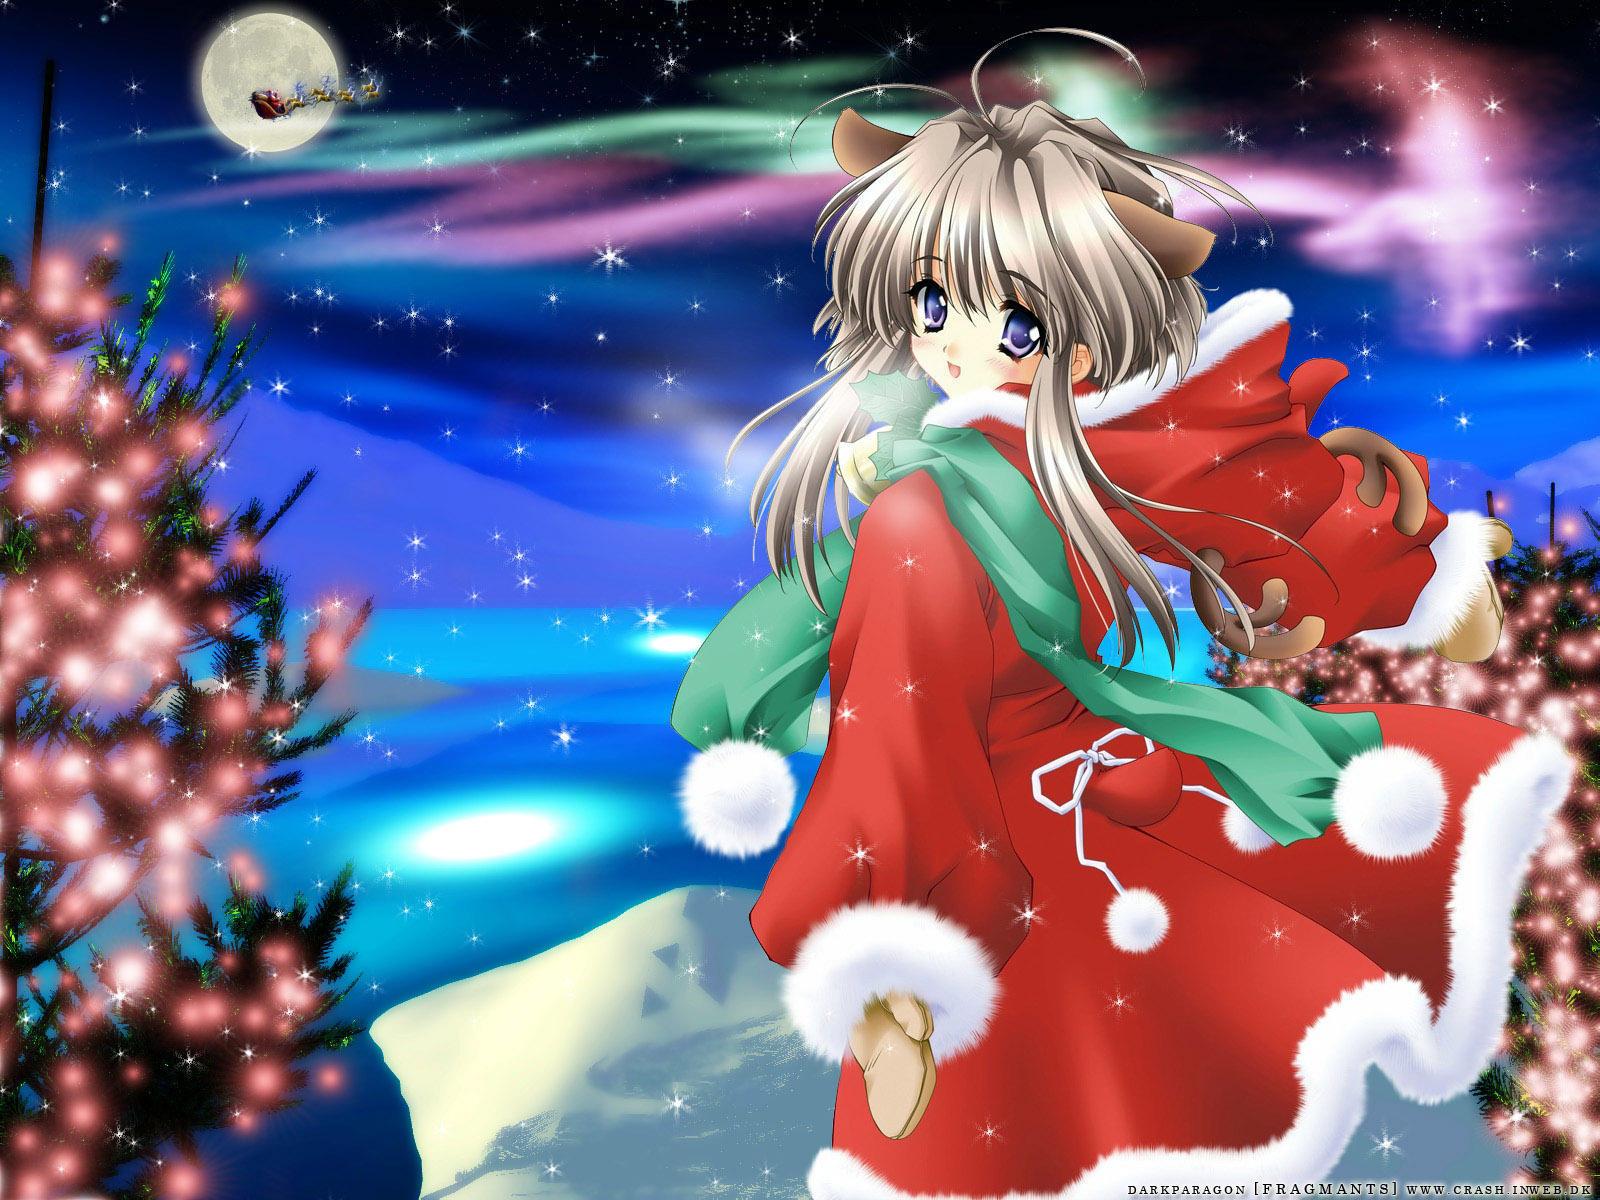 Anime Christmas Google Skins Anime Christmas Google Backgrounds 1600x1200